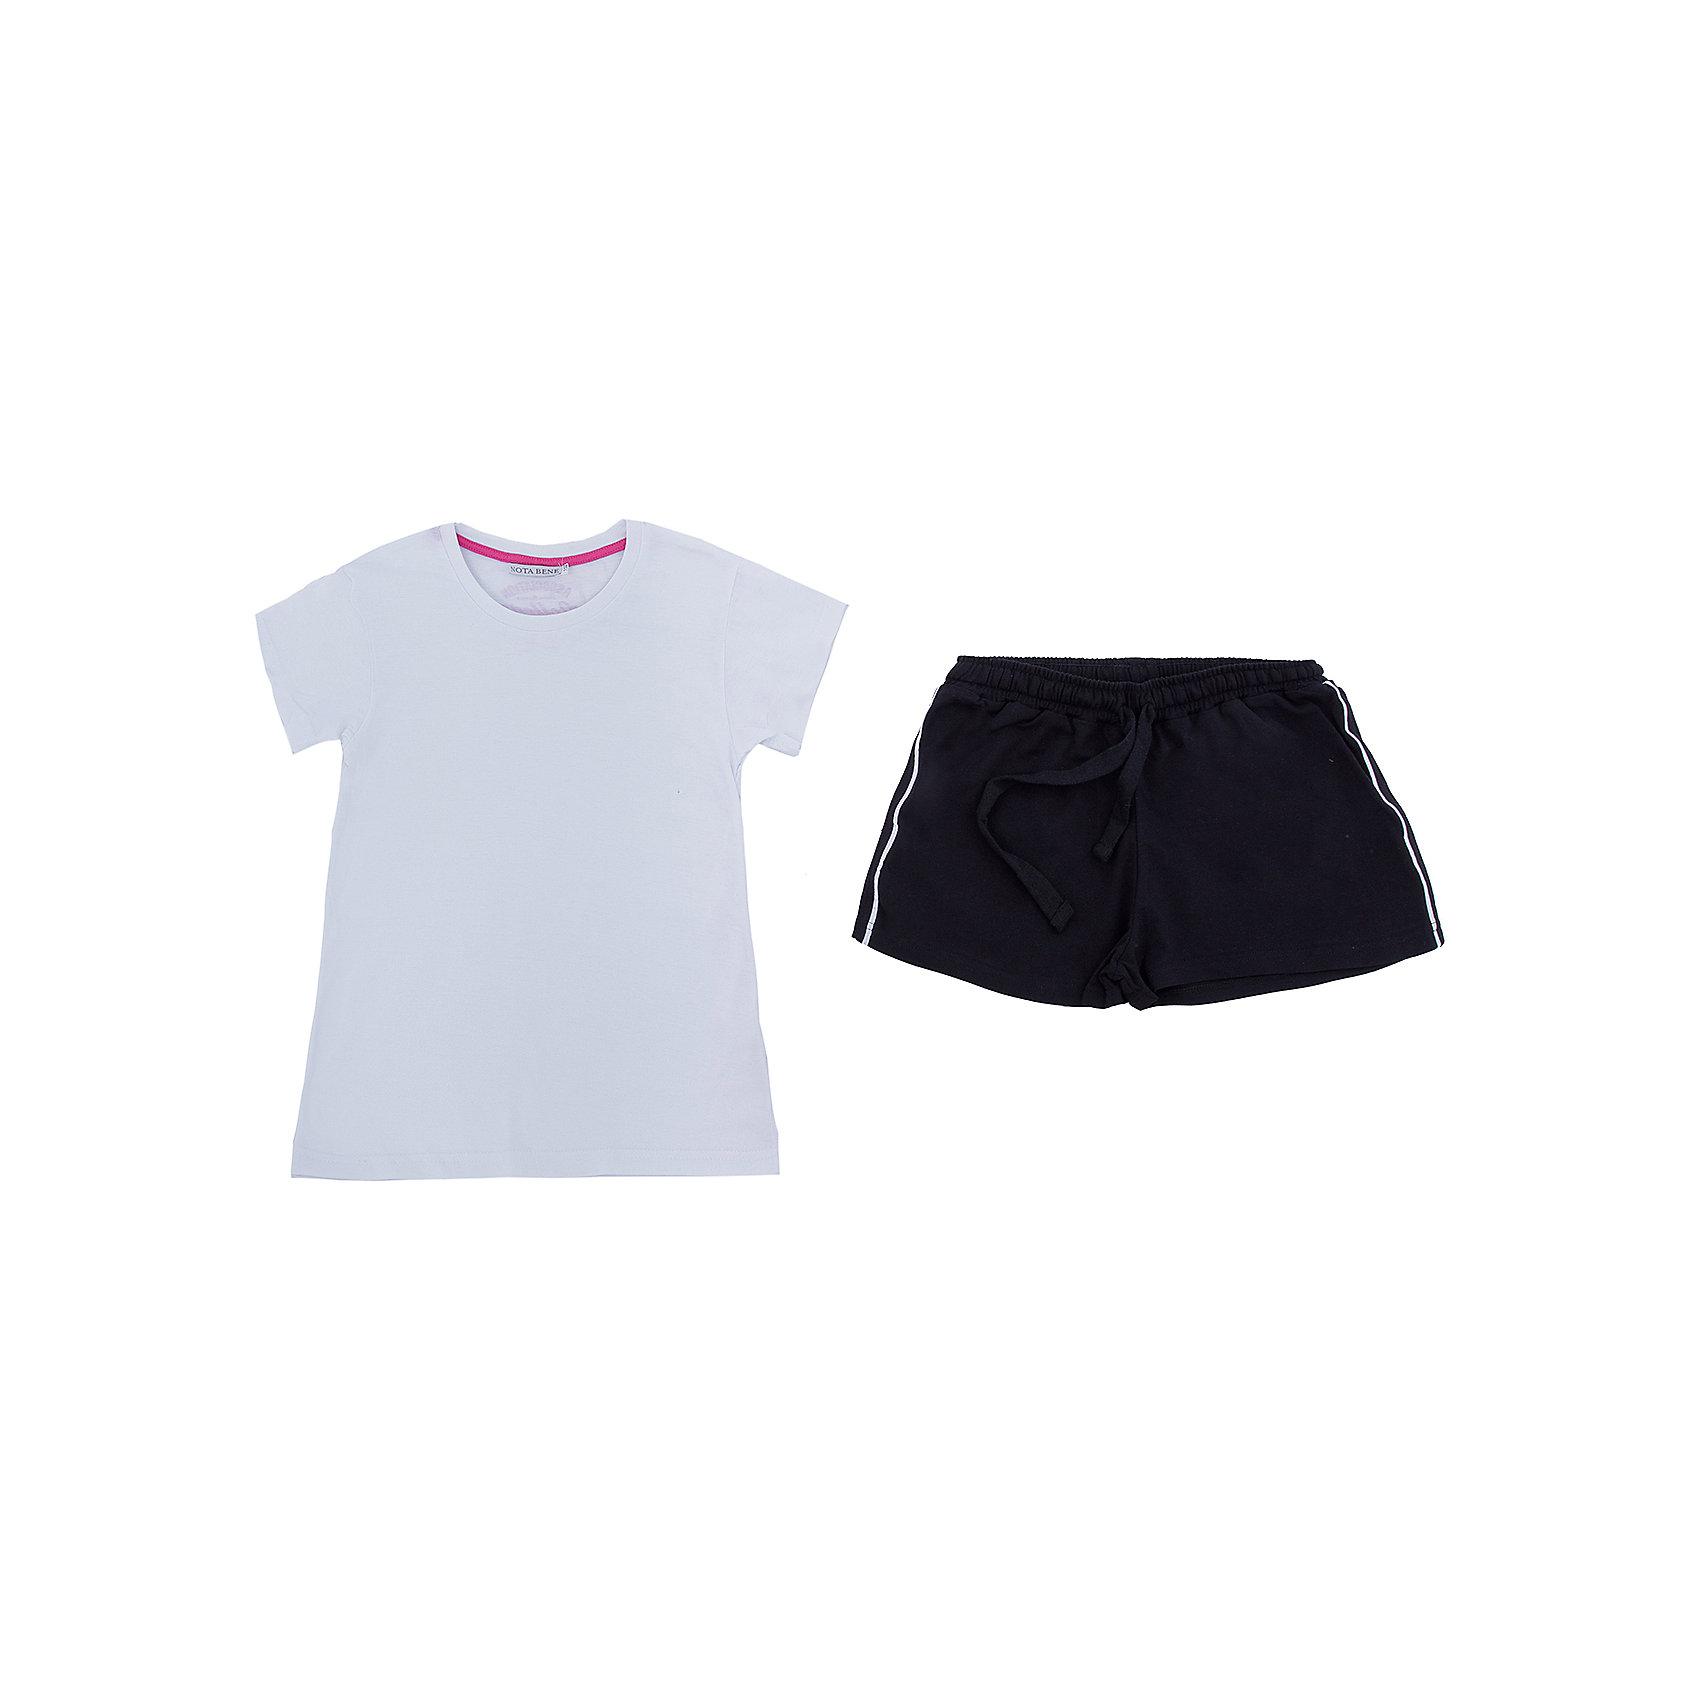 Комплект: футболка и шорты Nota Bene для девочкиСпортивная форма<br>Характеристики товара:<br><br><br>• цвет: белый, черный<br>• комплектация: футболка и шорты <br>• состав: 100% хлопок<br>• сезон: лето<br>• особенности модели: спортивный стиль<br>• короткие рукава<br>• пояс: резинка, шнурок<br>• страна бренда: Россия<br>• страна производства: Россия<br><br>Трикотажный комплект для девочки сделан из натурального хлопка. Комплект: футболка и шорты M&amp;D для девочки легко надевается благодаря эластичному трикотажу. Детский комплект аккуратно смотрится и комфортно сидит по фигуре. <br><br>Комплект: футболка и шорты Nota Bene для девочки можно купить в нашем интернет-магазине.<br><br>Ширина мм: 191<br>Глубина мм: 10<br>Высота мм: 175<br>Вес г: 273<br>Цвет: белый<br>Возраст от месяцев: 132<br>Возраст до месяцев: 144<br>Пол: Женский<br>Возраст: Детский<br>Размер: 152,164<br>SKU: 7012673